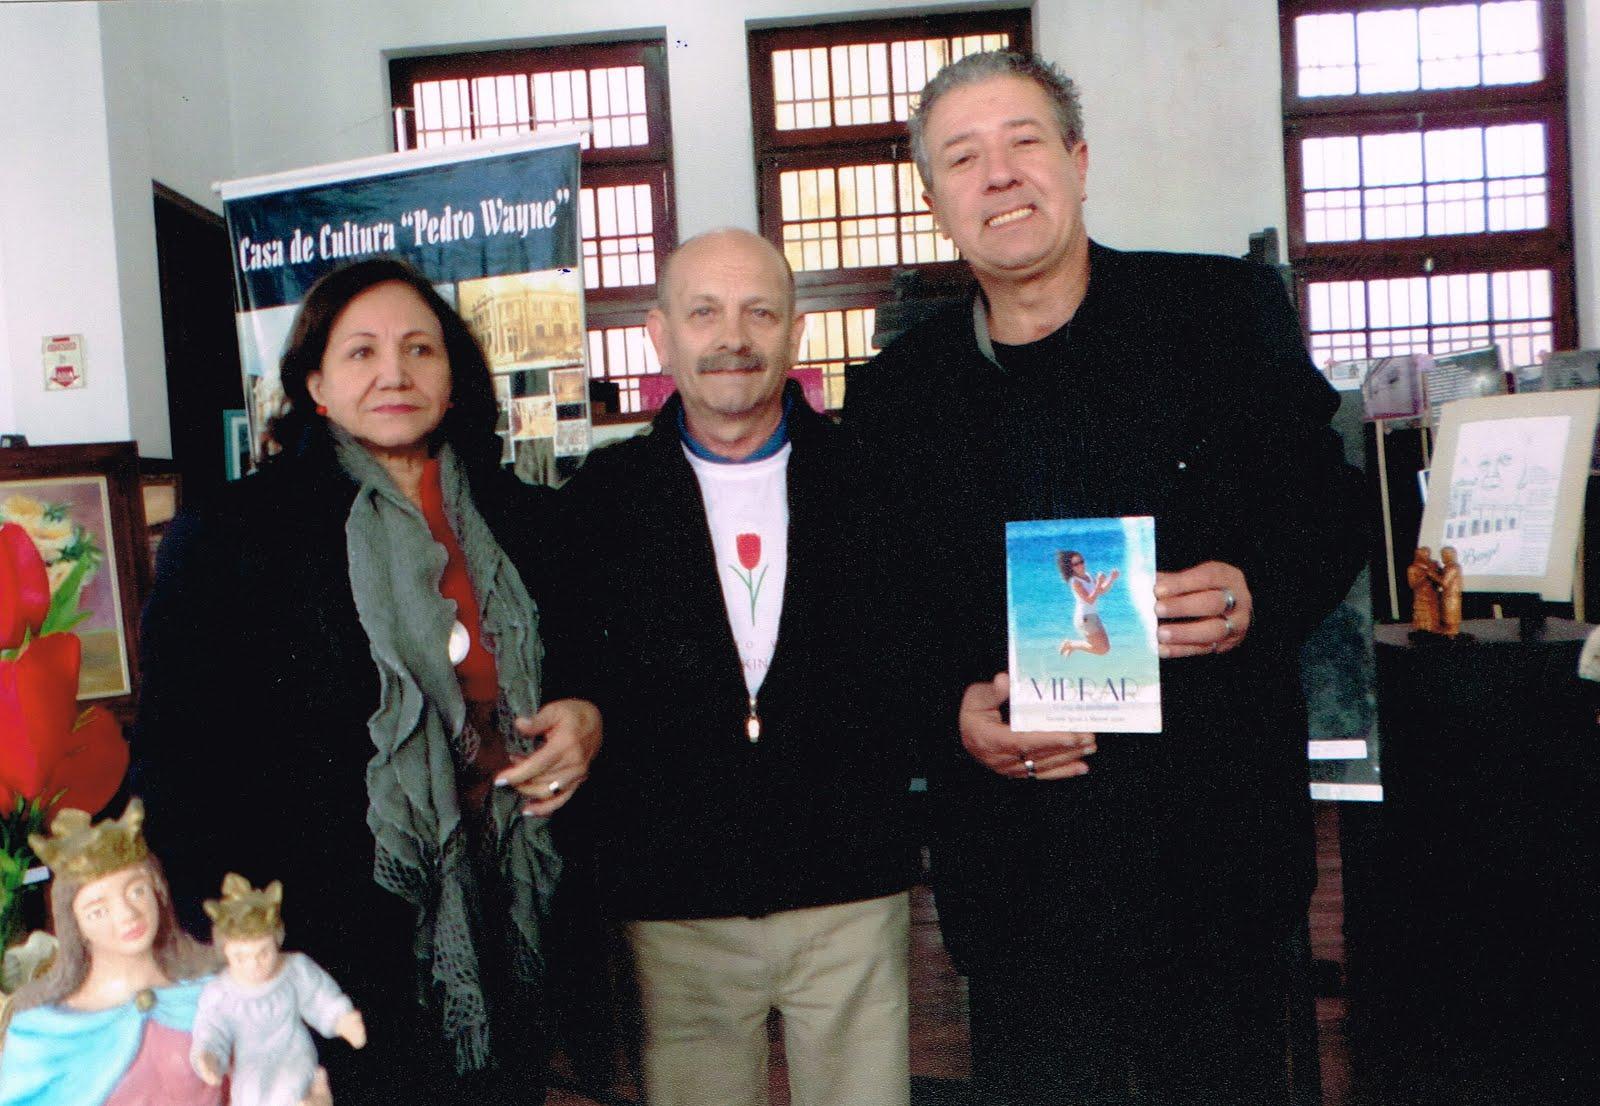 Lú, Manoel Ianzer e Sird Carol Marinho